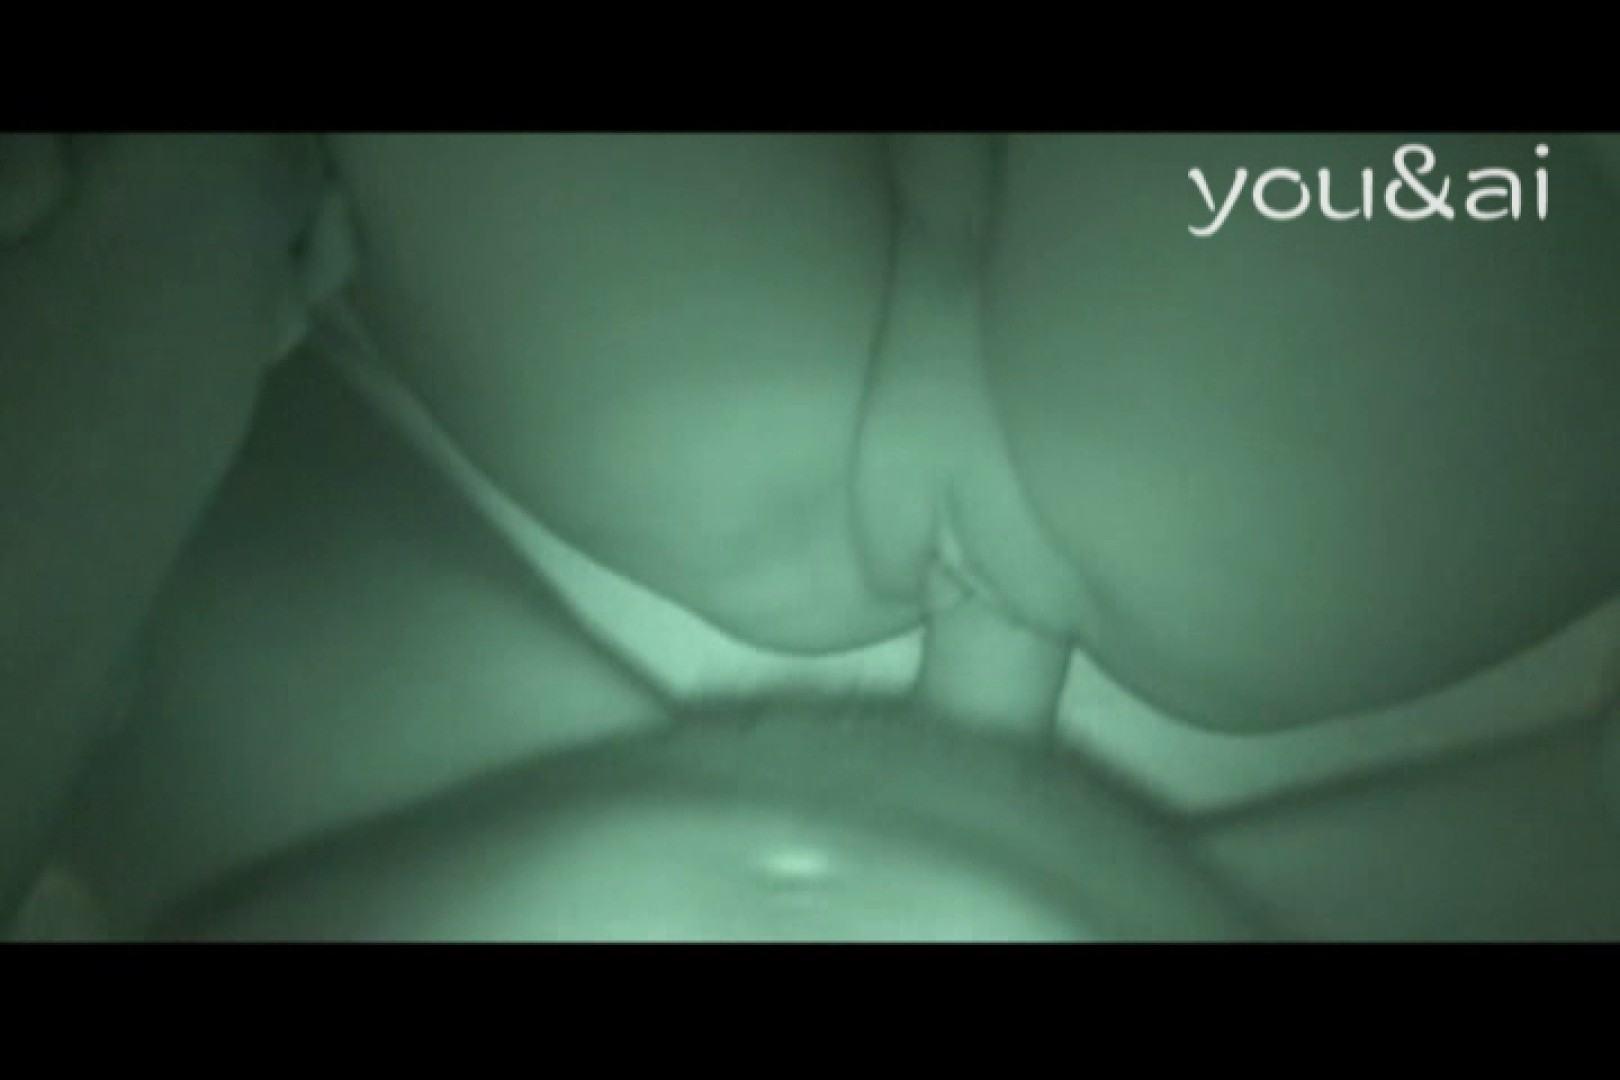 おしどり夫婦のyou&aiさん投稿作品vol.12 ホテル オマンコ動画キャプチャ 104PIX 5